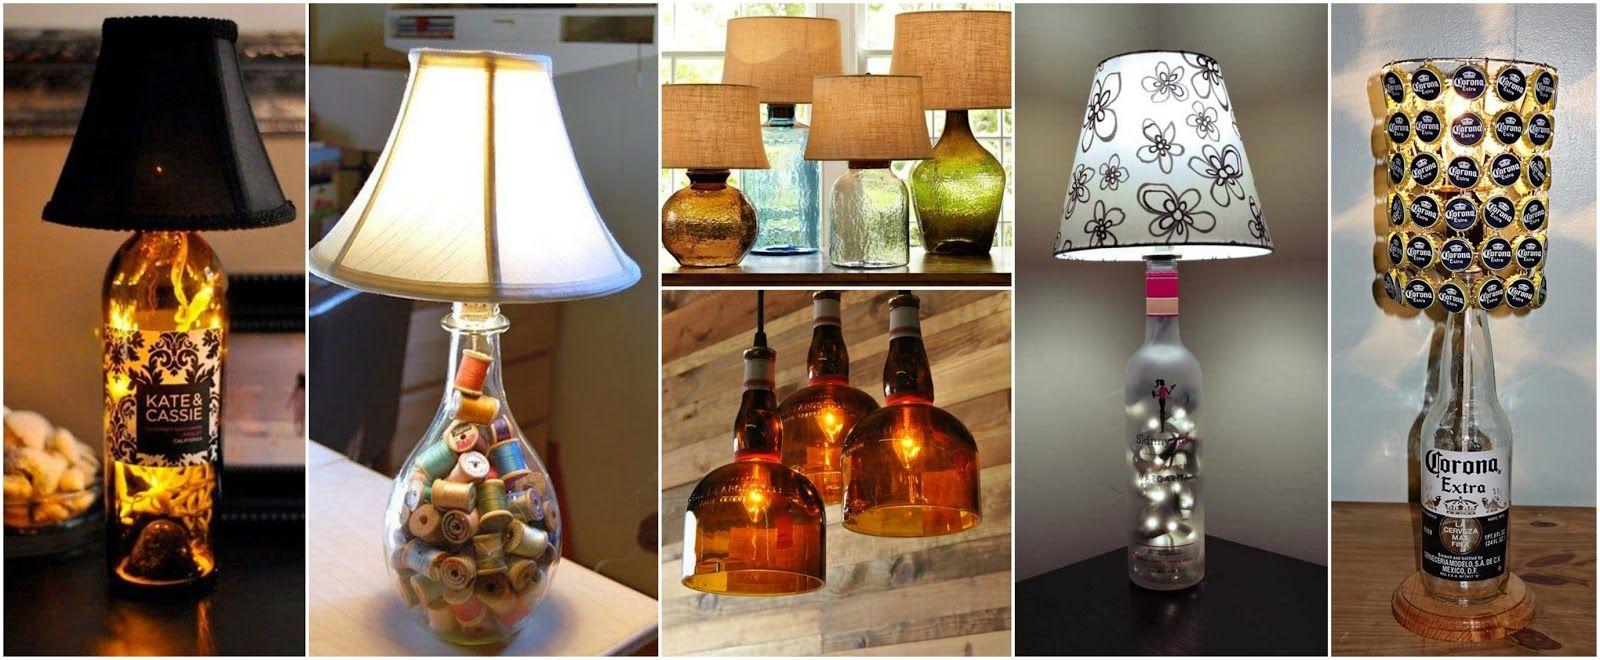 Como Hacer Lamparas Con Botellas De Vidrio Recicladas Lamparas Con Botellas Licor12 Jpg 1600 660 Botellas De Vidrio